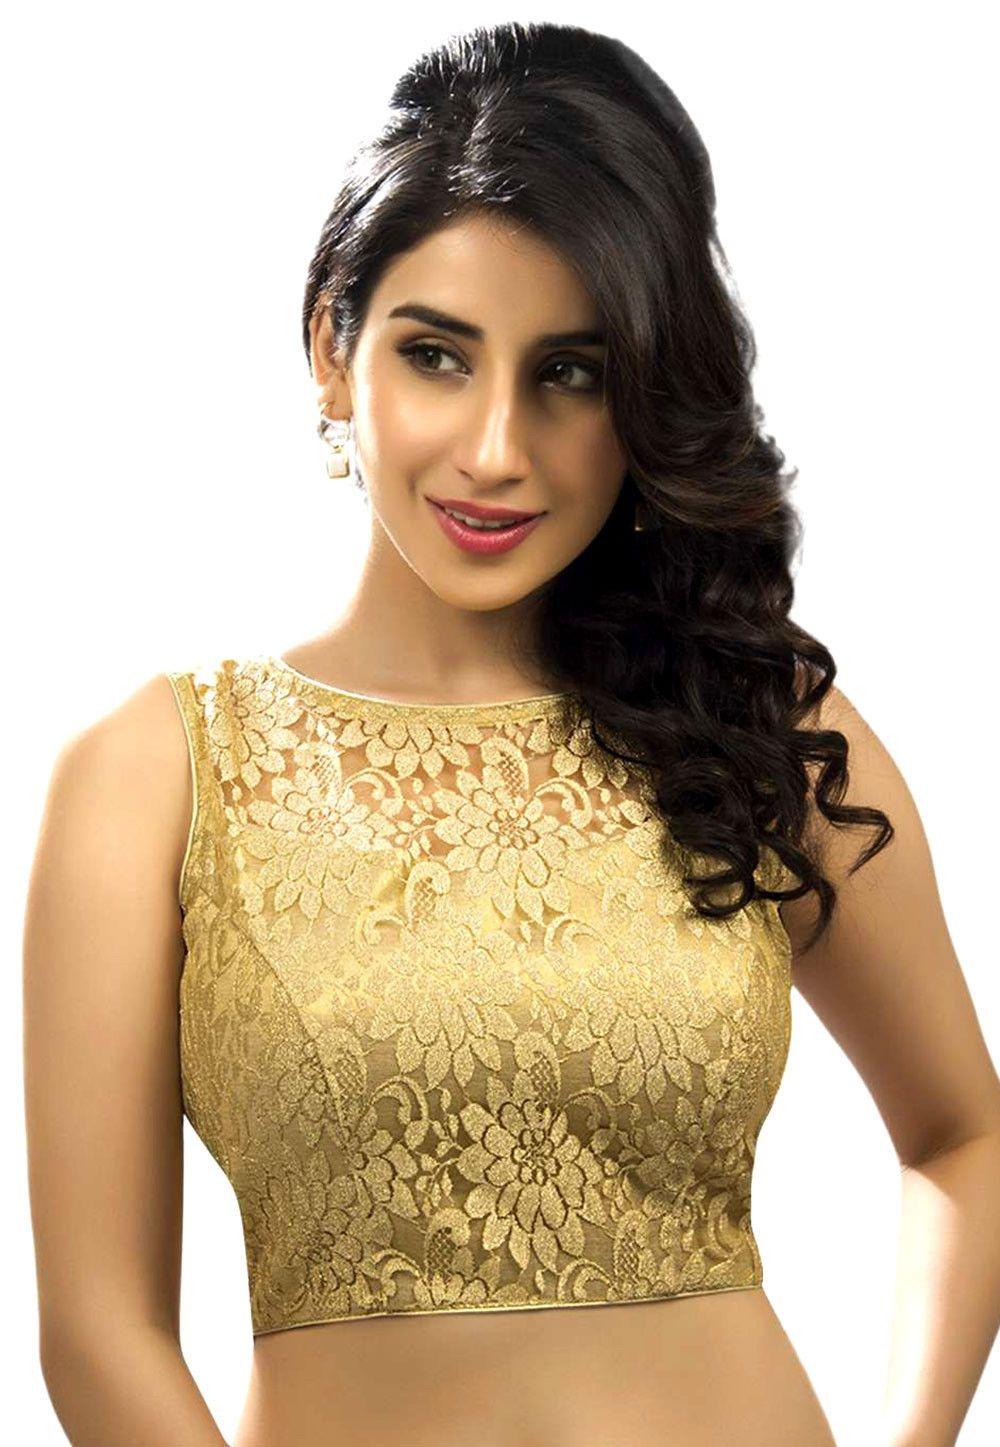 Readymade Saree Blouse,Designer Gold Brocad Padded Sari Blouse,Halter Neck Top